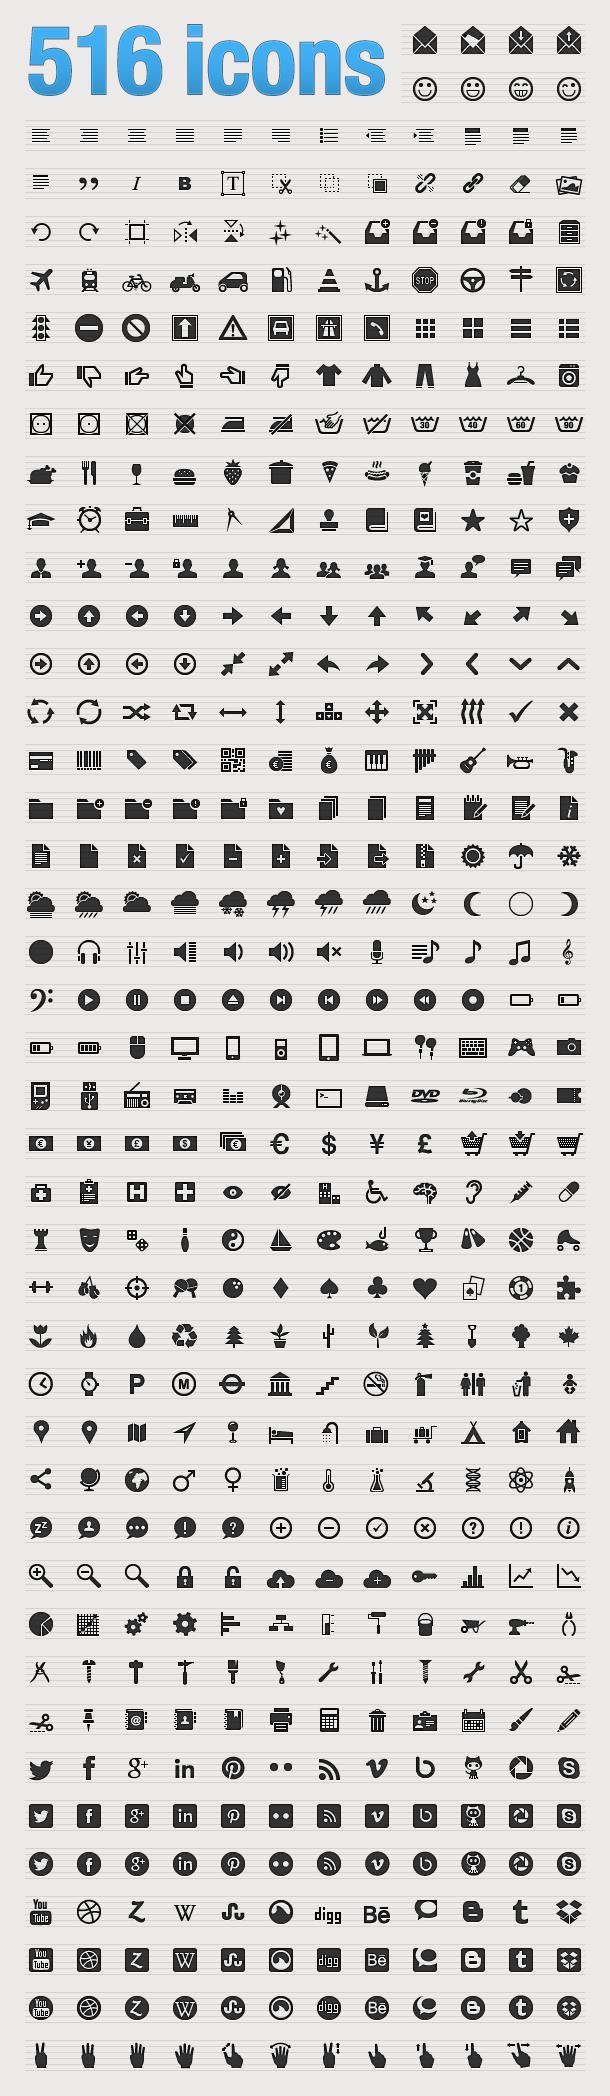 20 icons in PNG, SVG, VECTOR   Web design, Grafik design, Webdesign